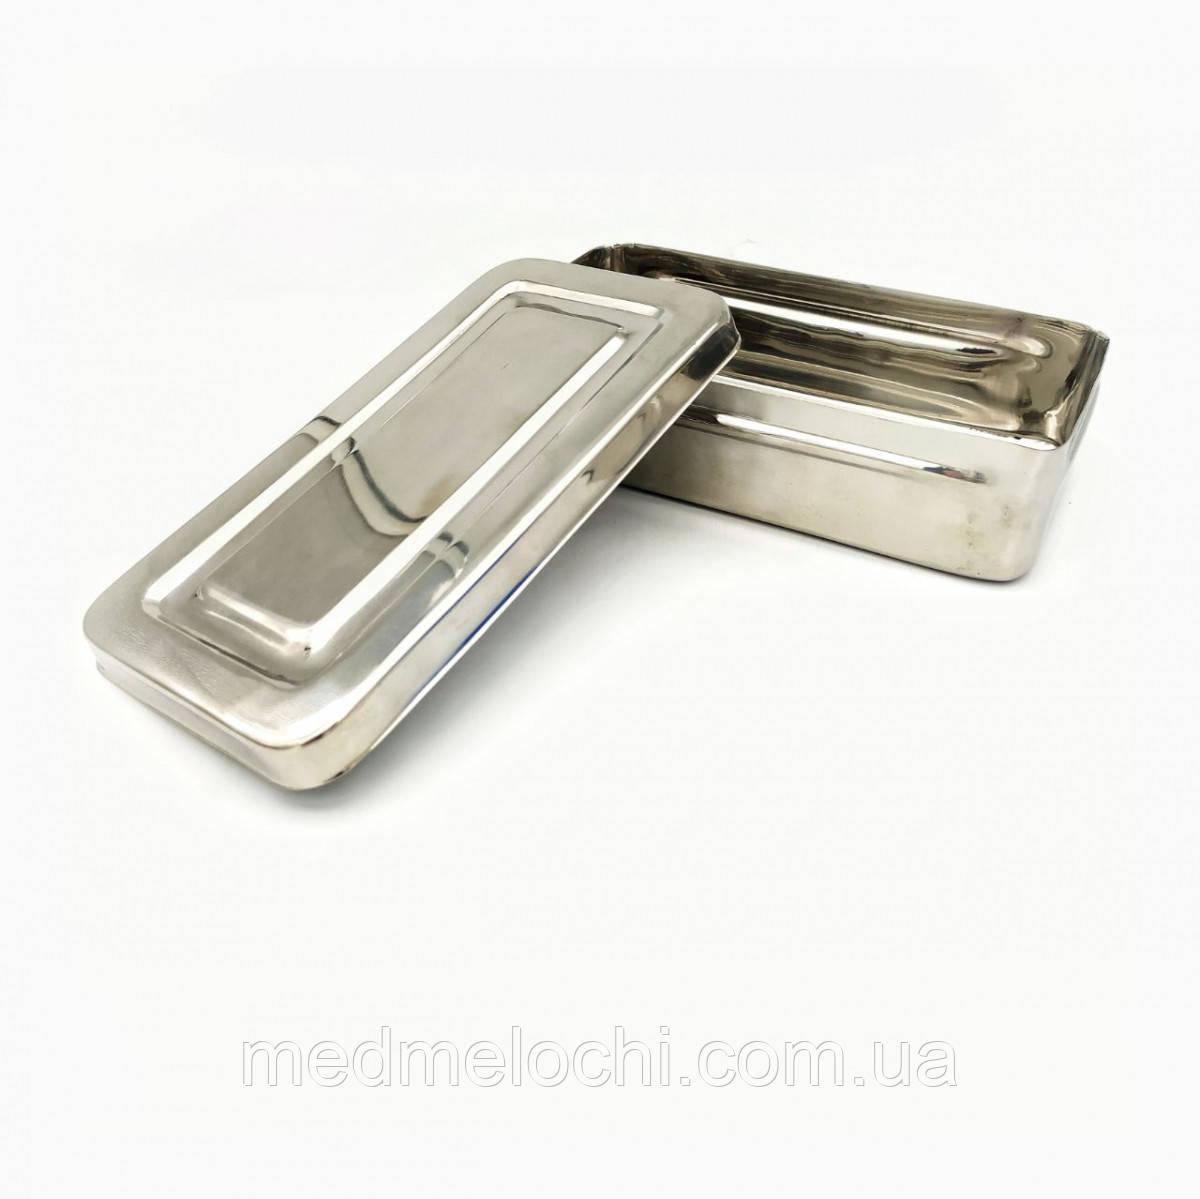 Бокс для стерилізації інструменту 20 х 10 х 4,25 см